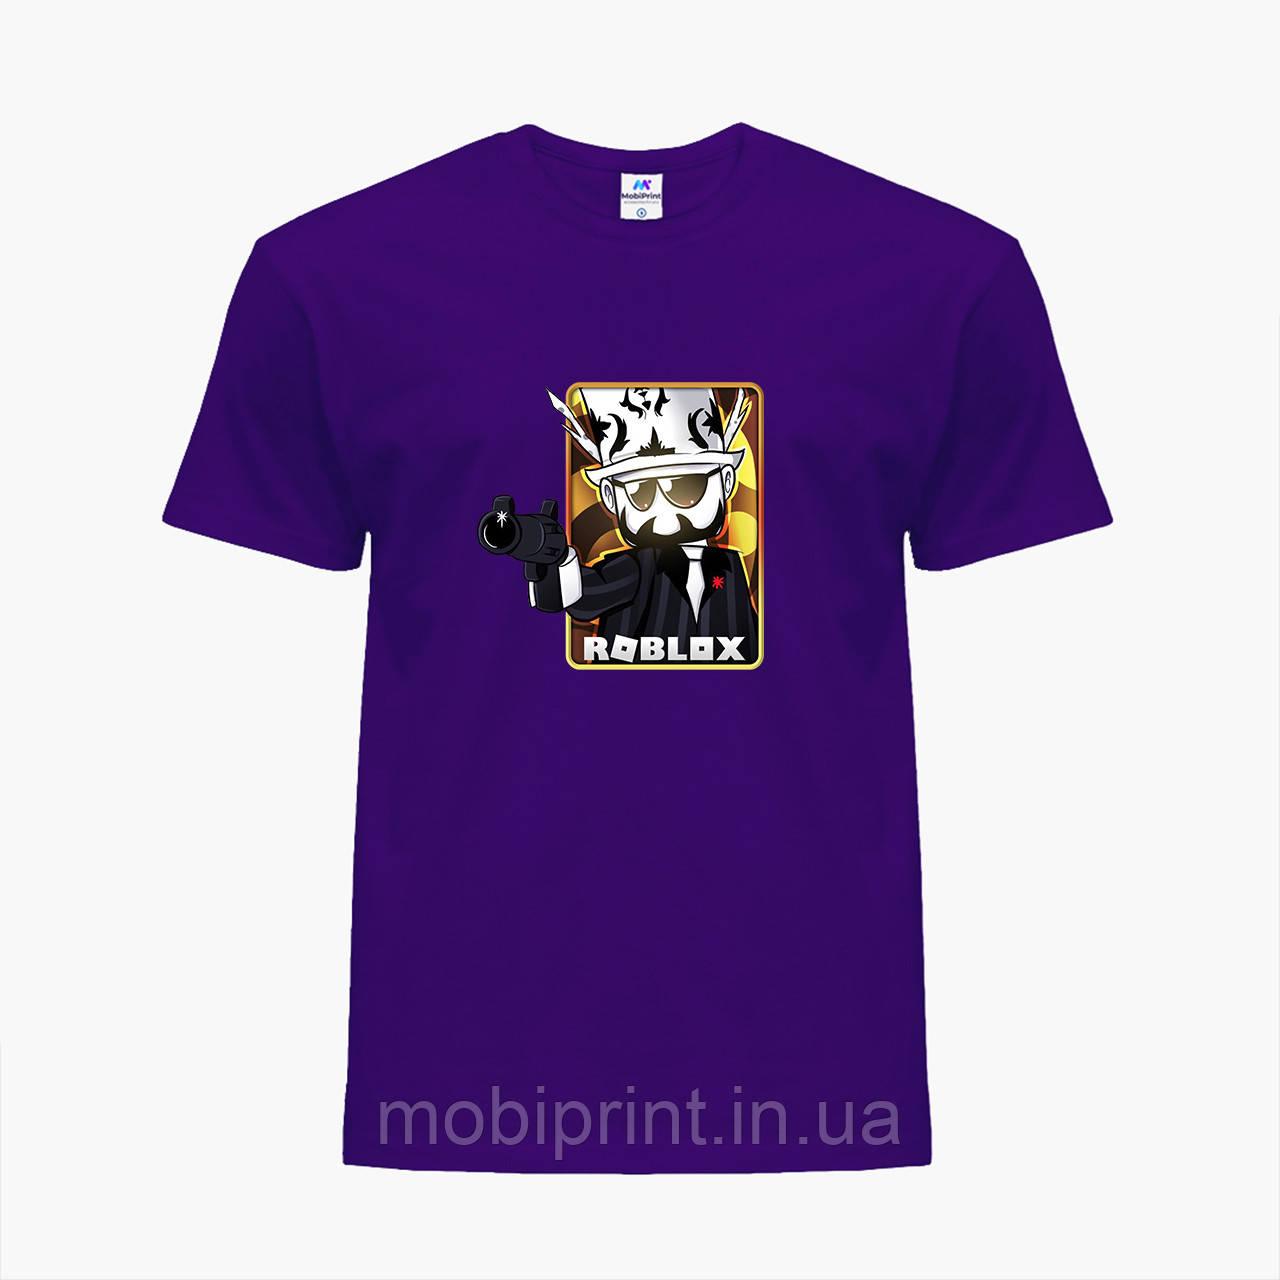 Детская футболка для мальчиков Роблокс (Roblox) (25186-1222) Фиолетовый